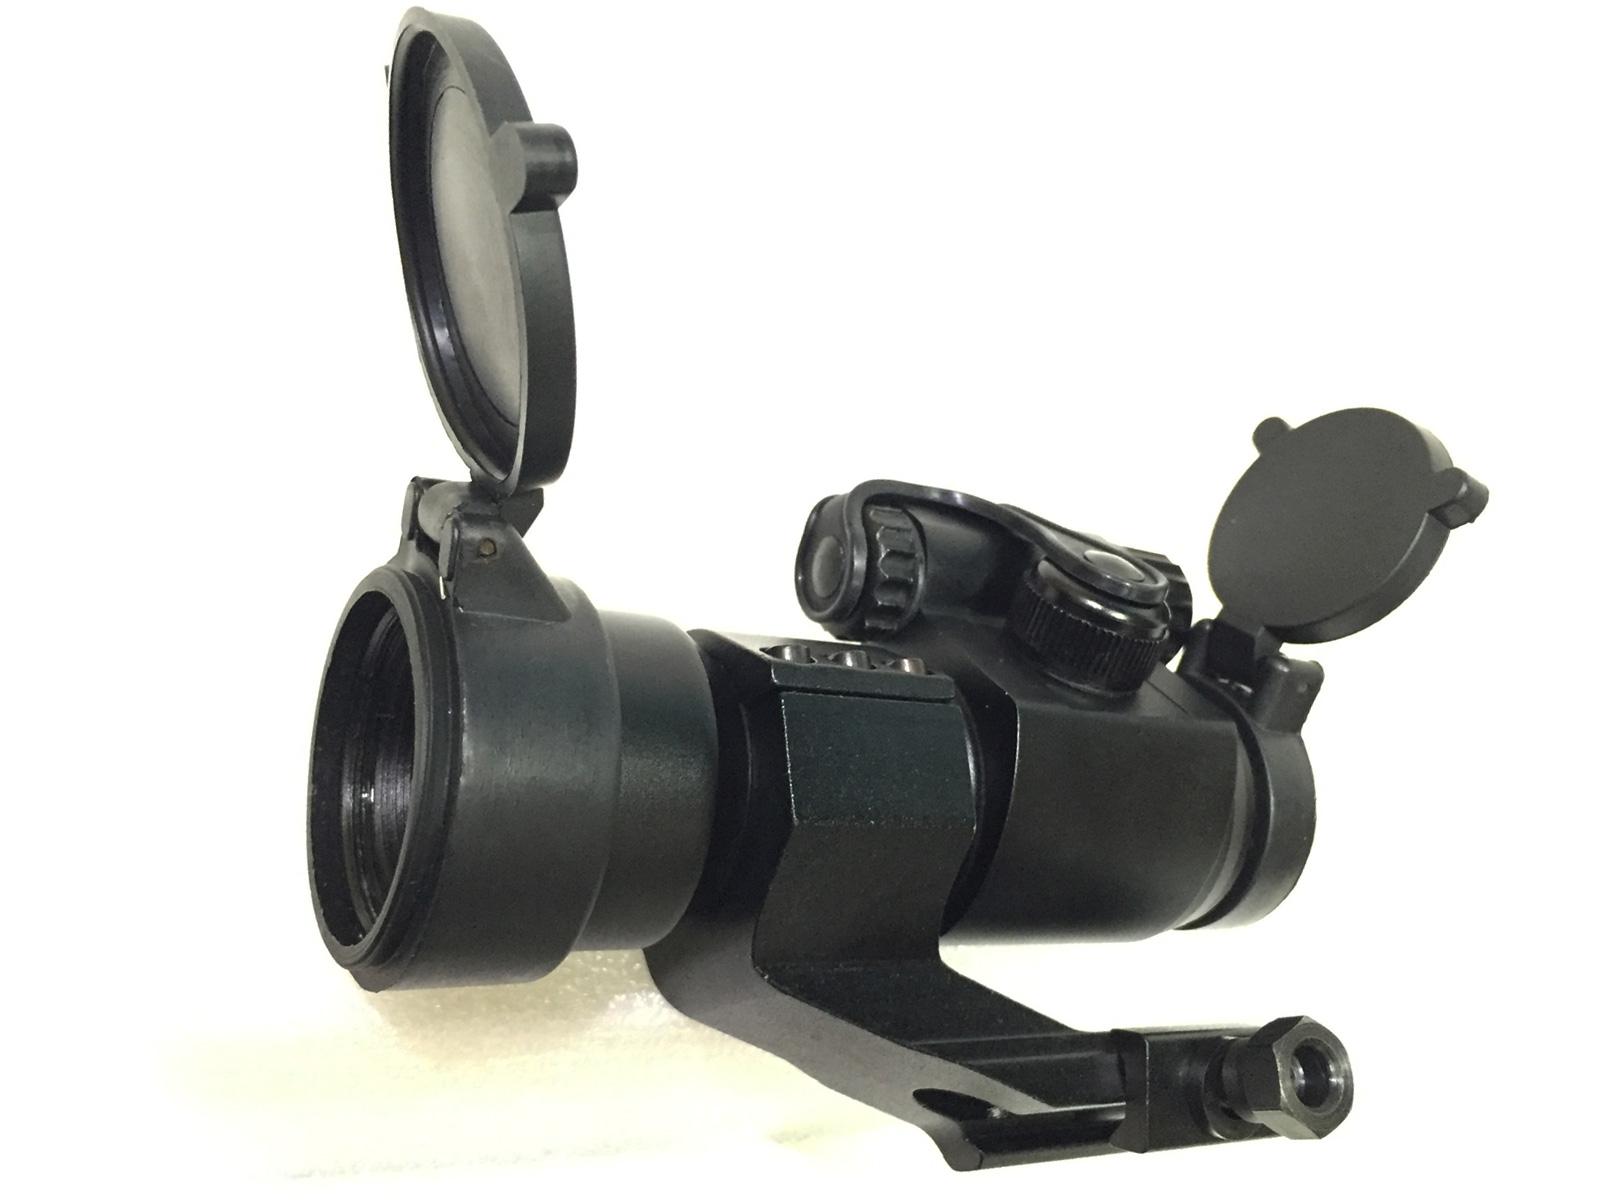 LXGD Aimpoint ドットサイト ダットサイト COMP M2 レプリカ HD1×32 エアガン照準器 スコープ ハイマウント バトラーキャップ付属 窒素ガス充填 防水 防霧